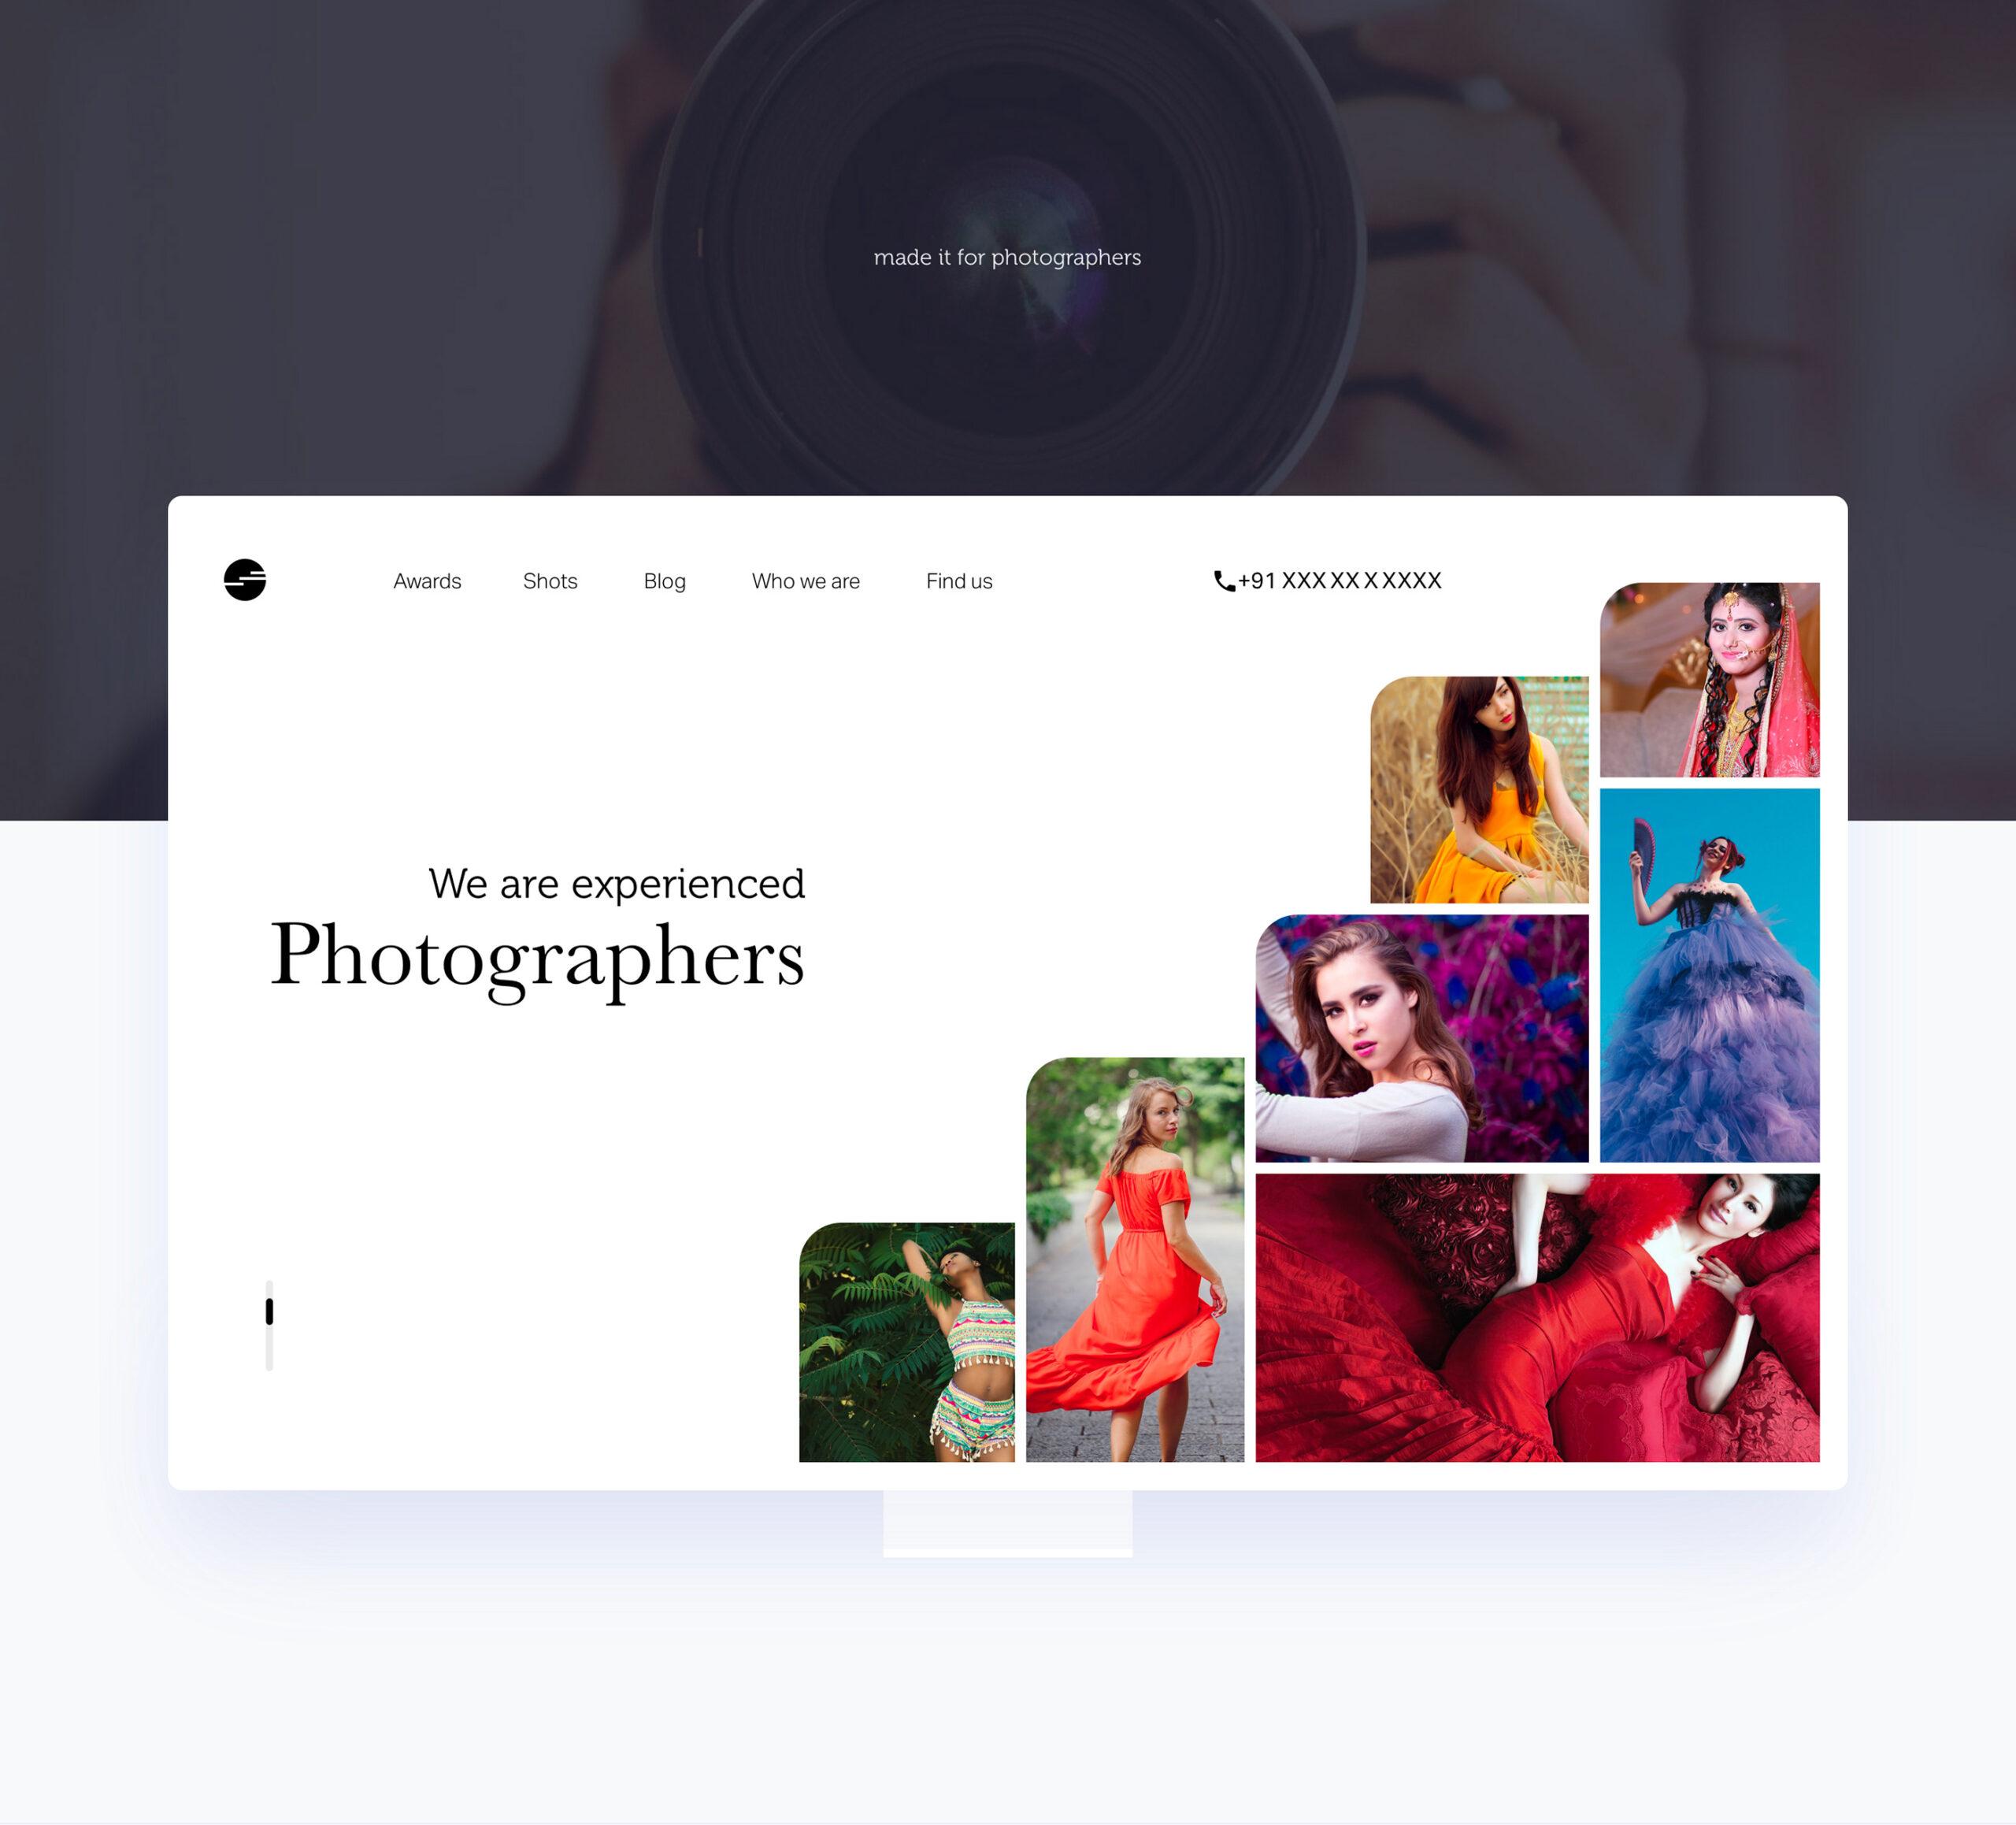 摄影师作品集网站设计模板插图